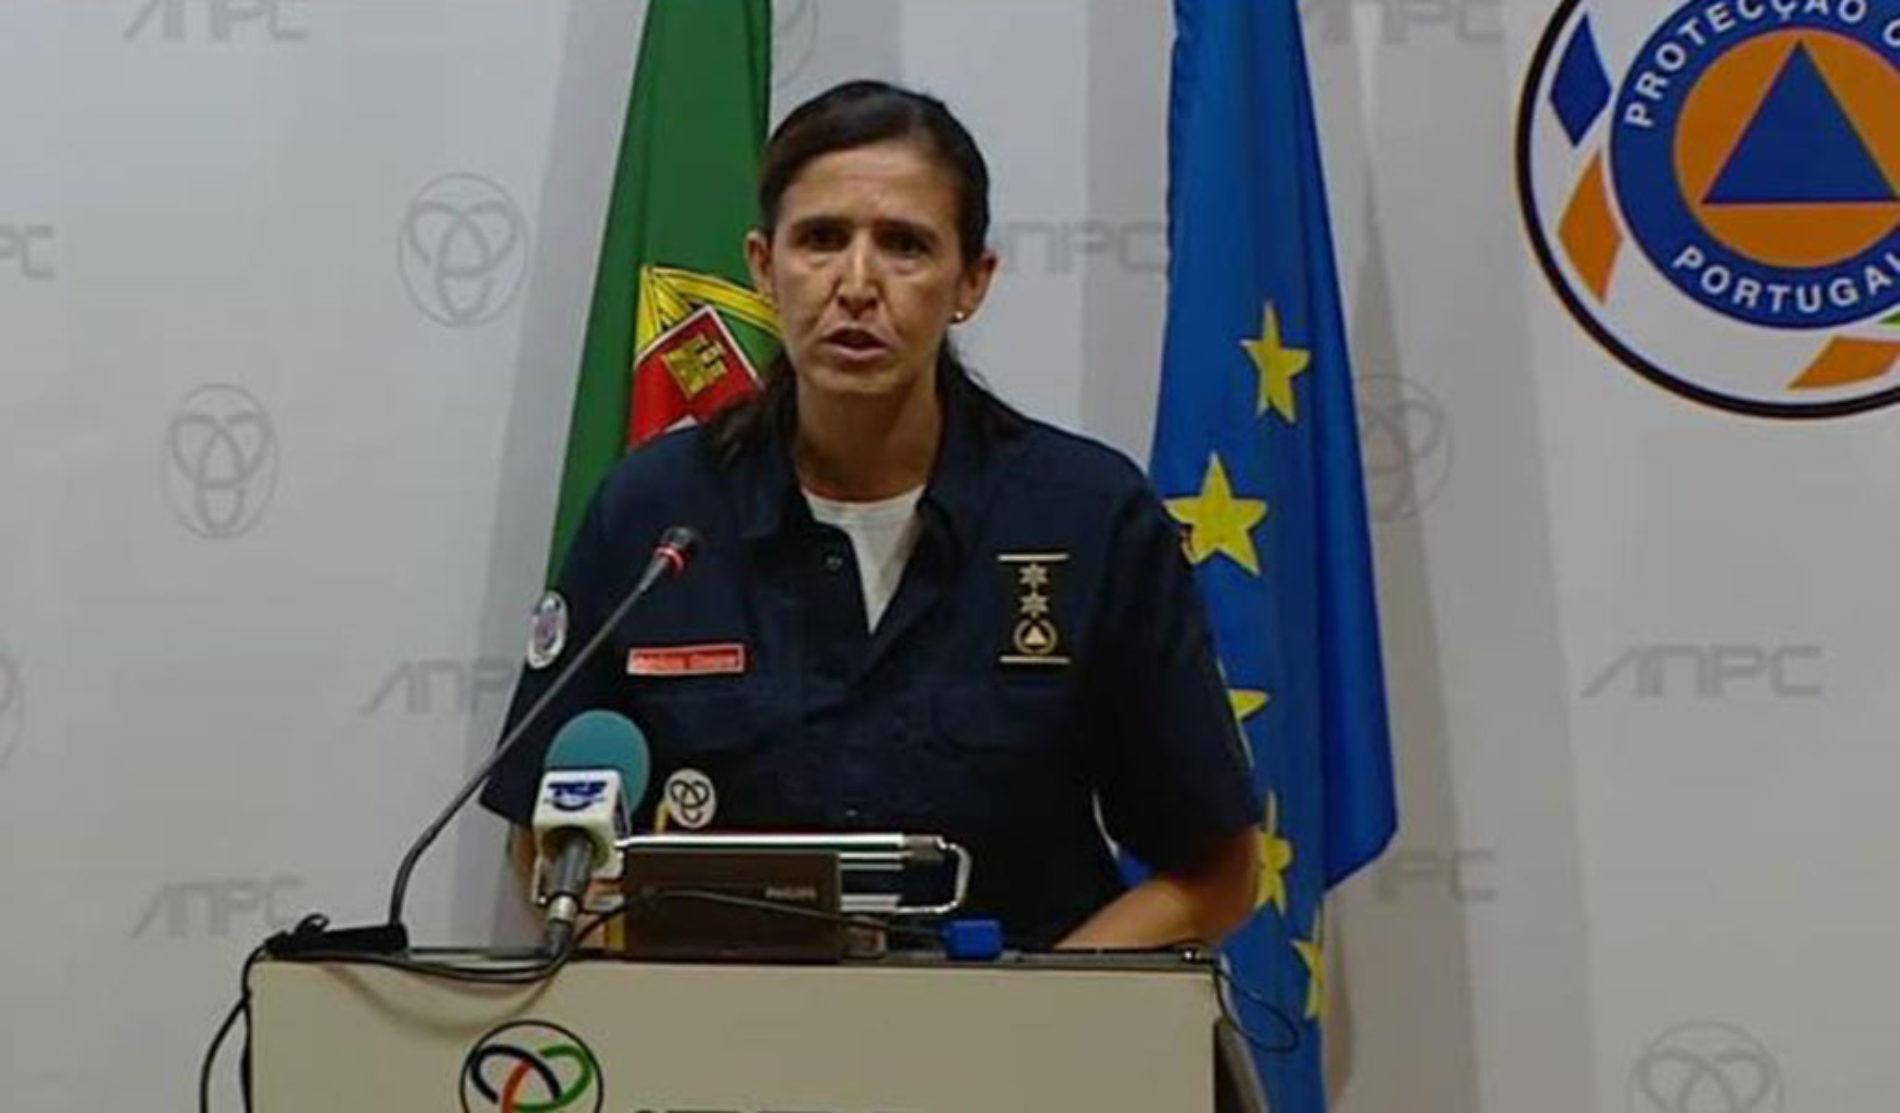 Covid-19: Ativado Plano Nacional de Emergência de Proteção civil